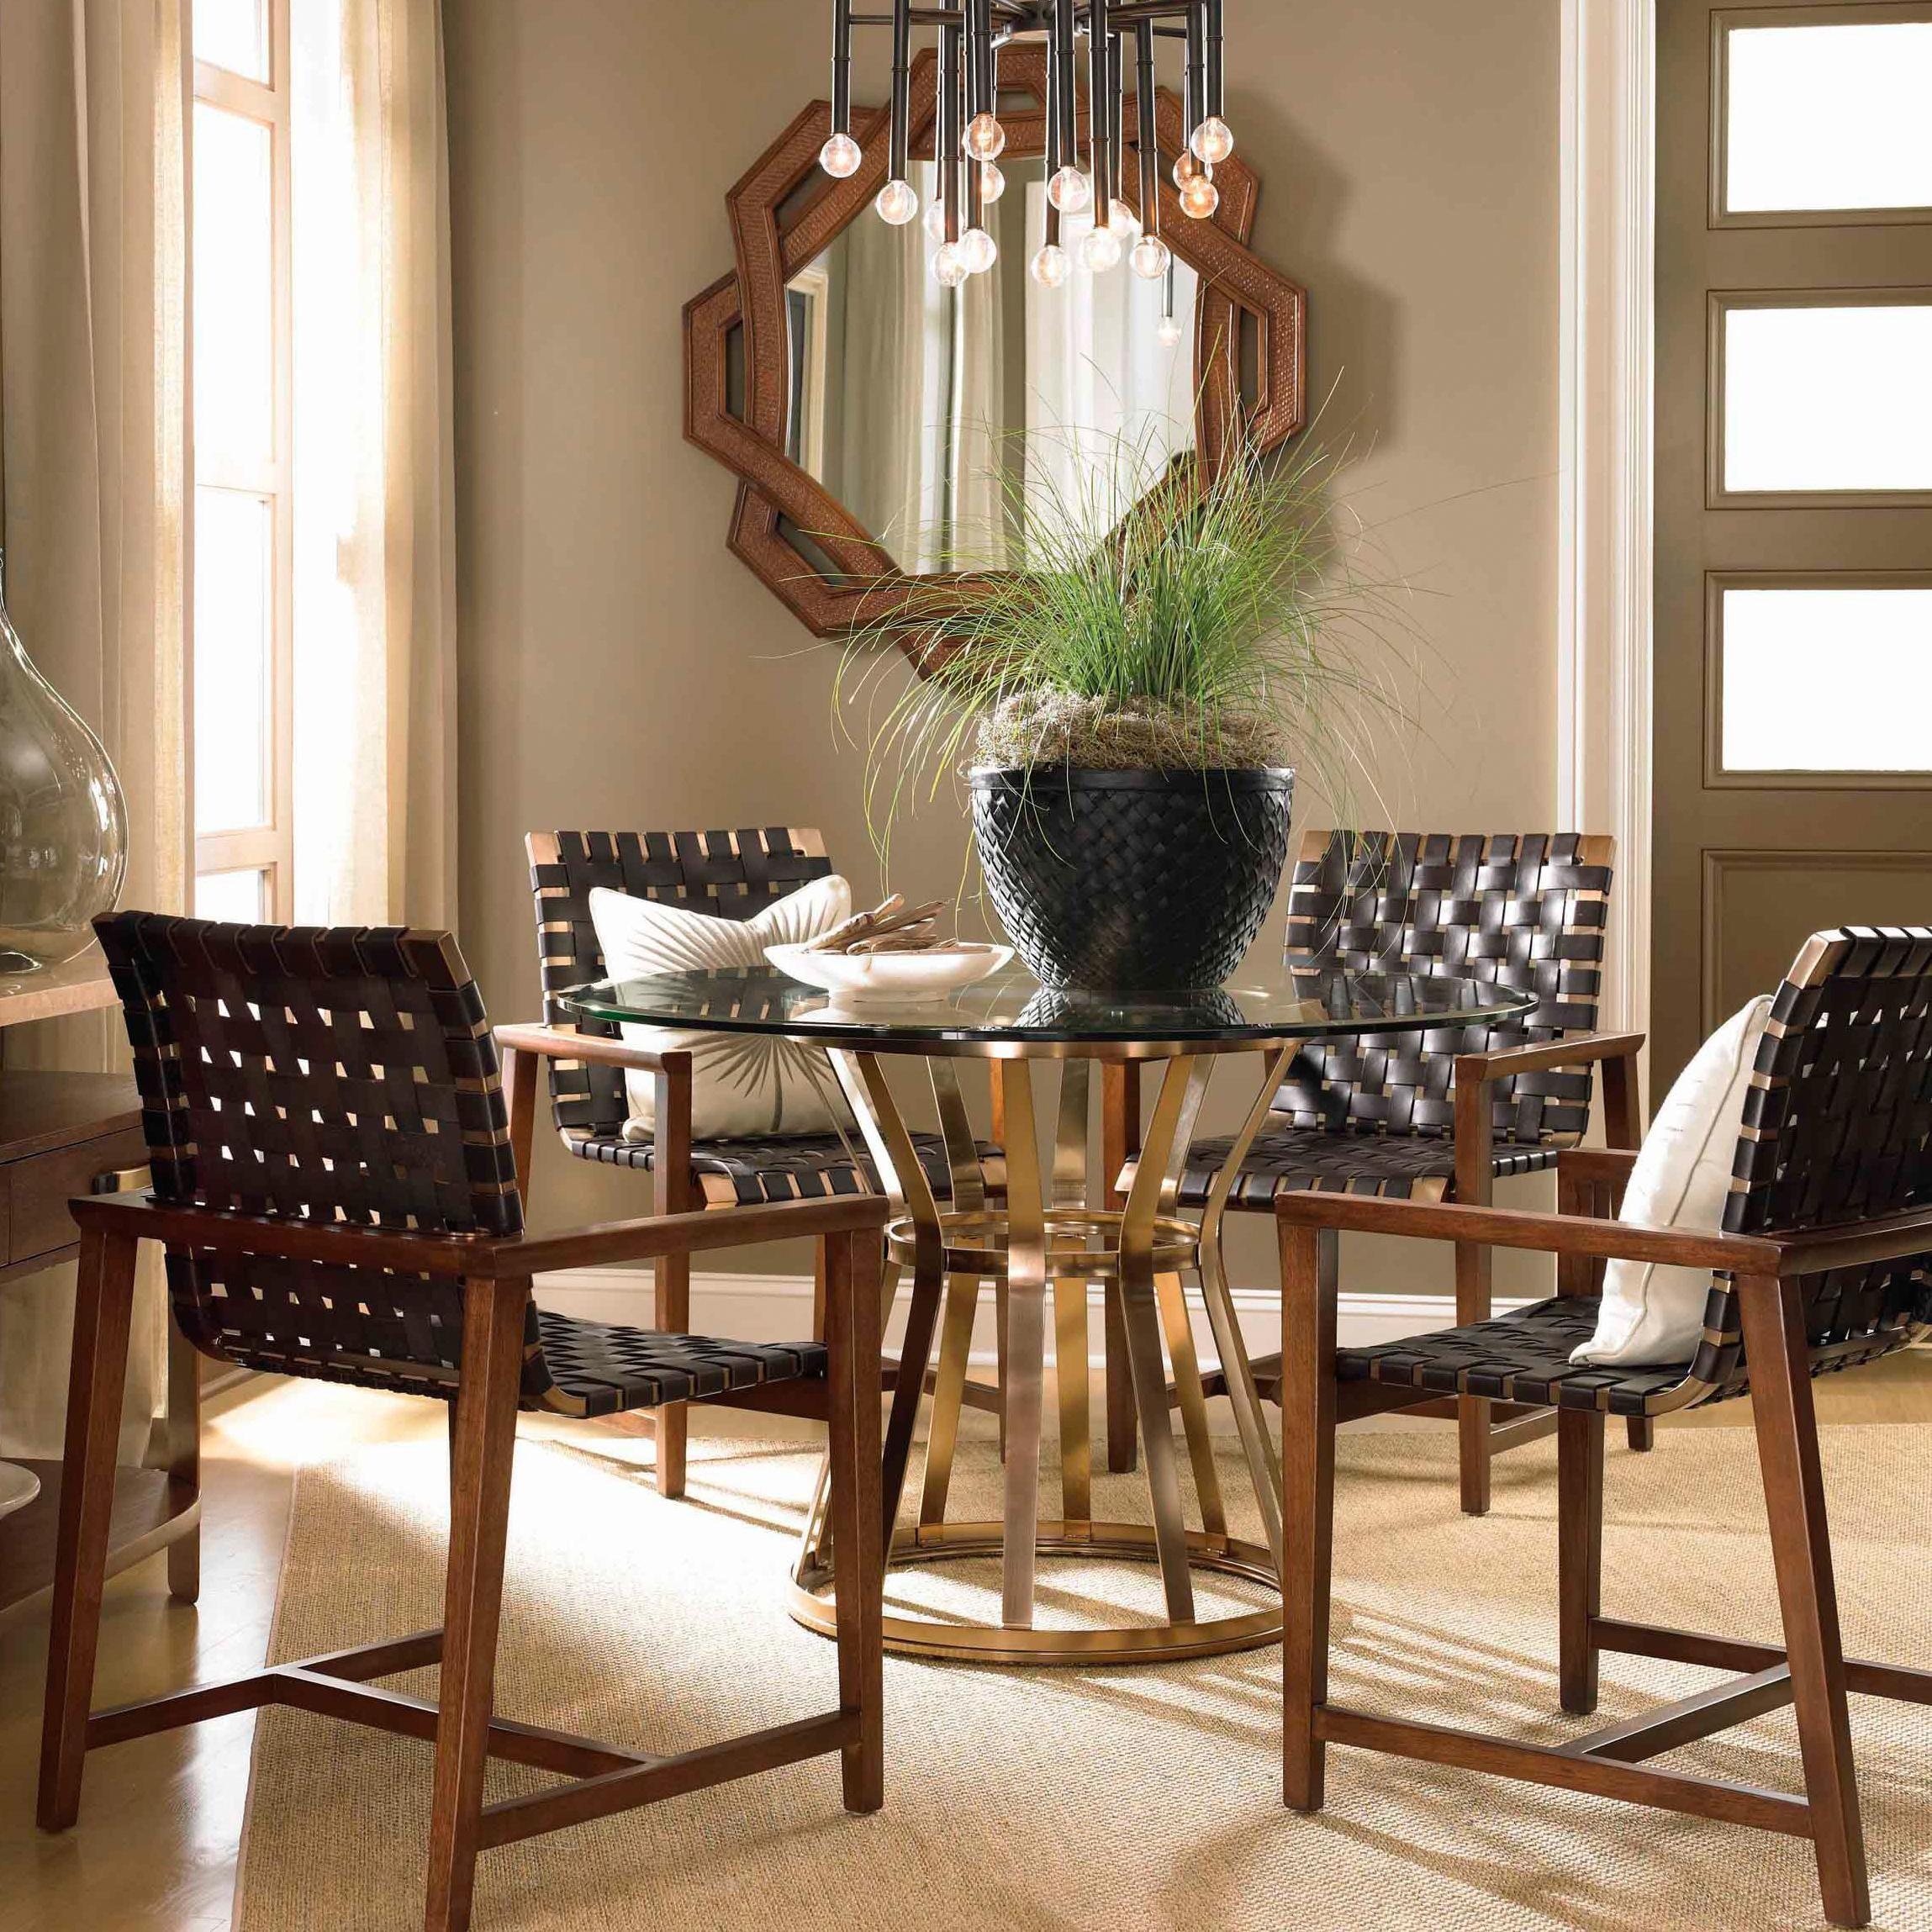 Renderings Voussoir Pedestal Dining Table W Glass Topdrexel Entrancing Drexel Heritage Dining Room Design Inspiration